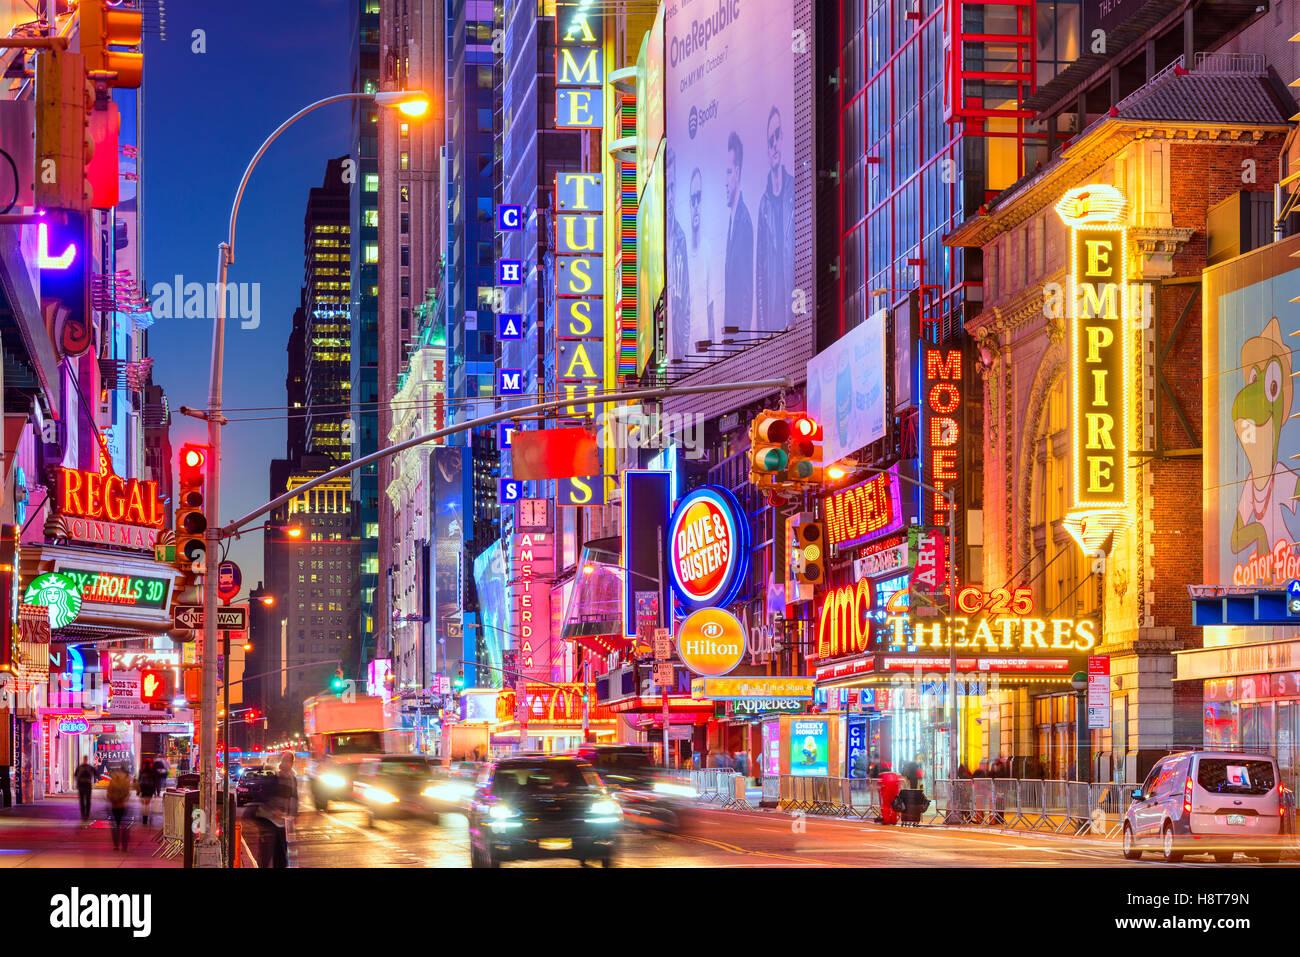 Il traffico si muove sotto le insegne della 42nd Street a New York City. Immagini Stock